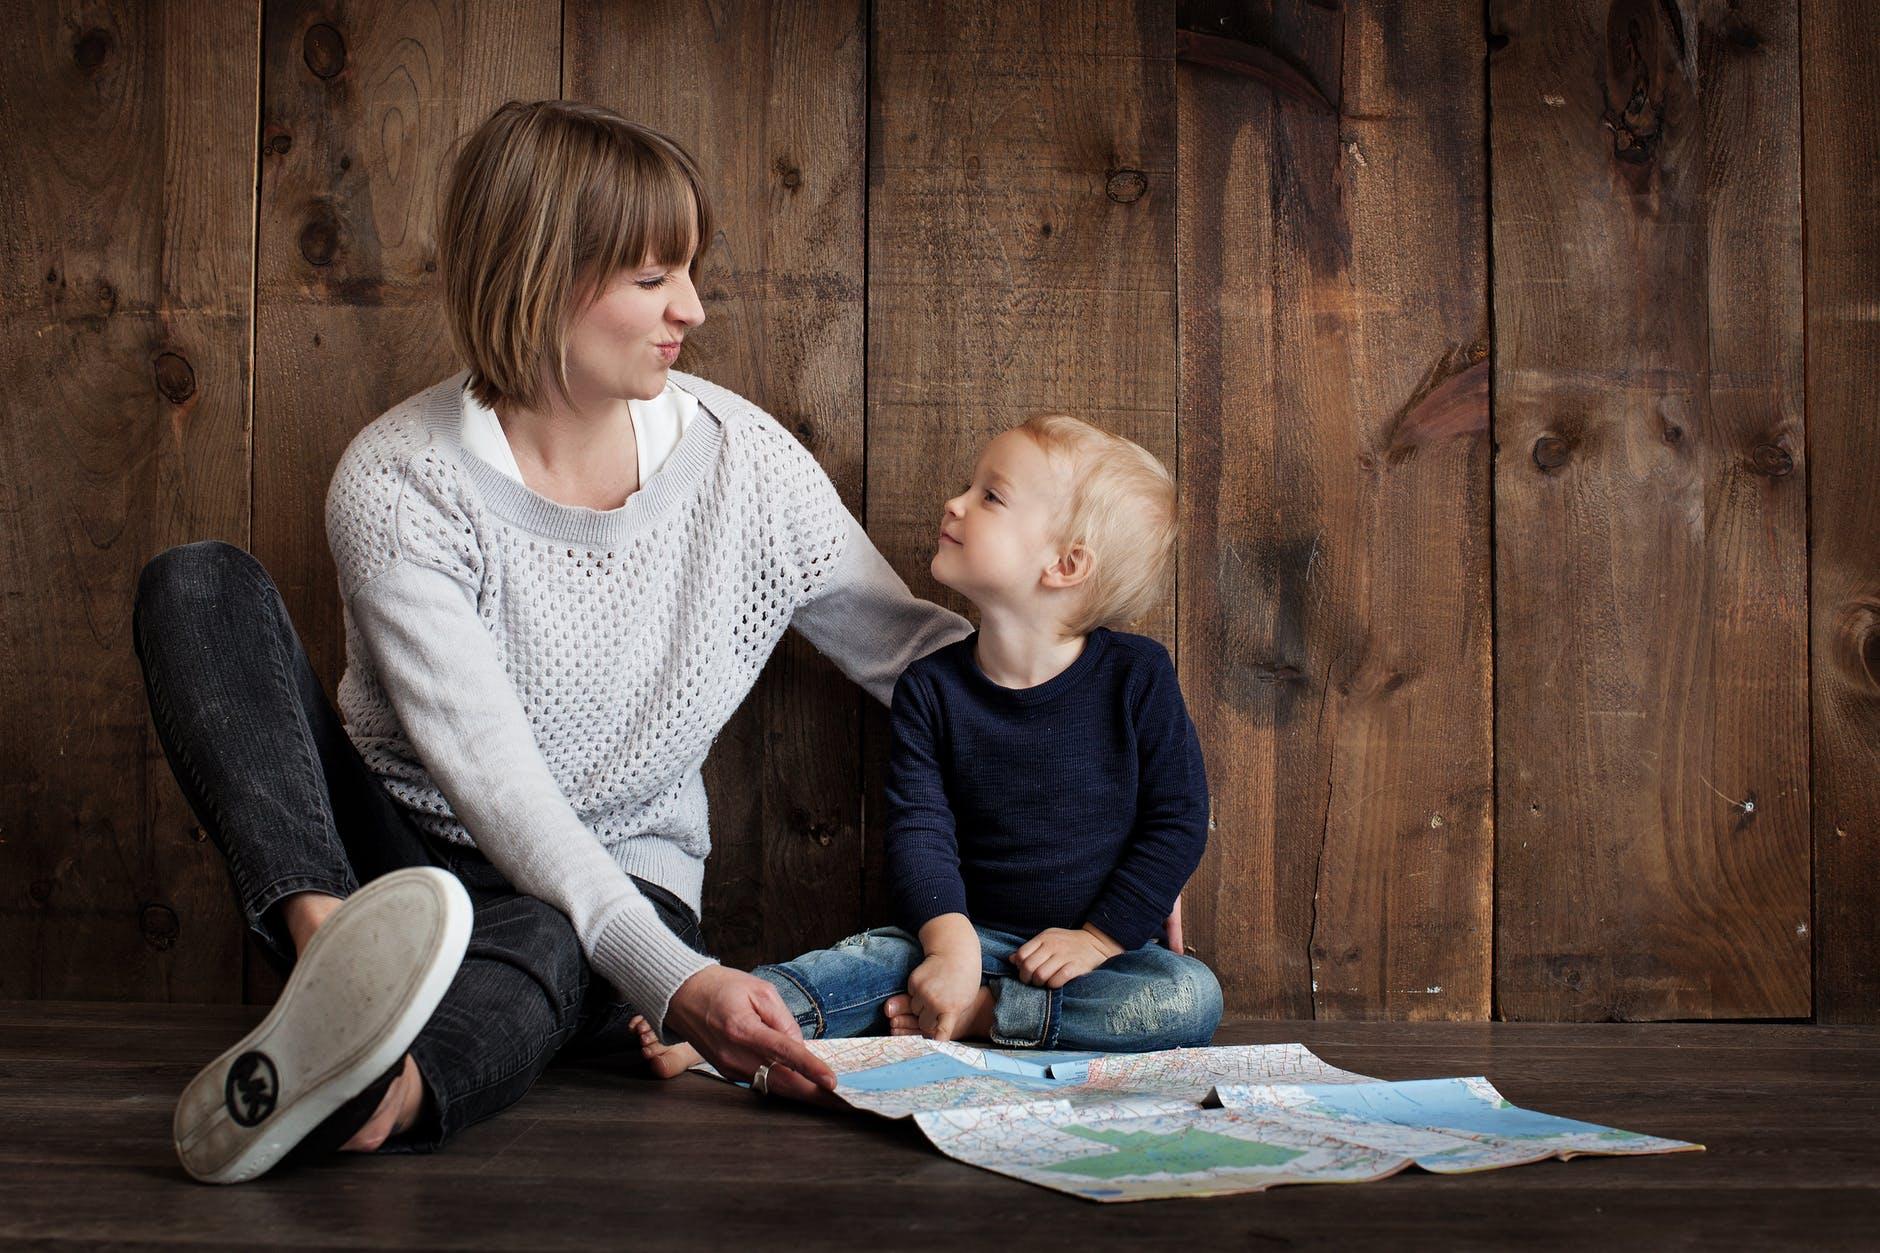 Excesul de cupru-Implicațiile psihologice pentru copii, adolescenți și adulți 4